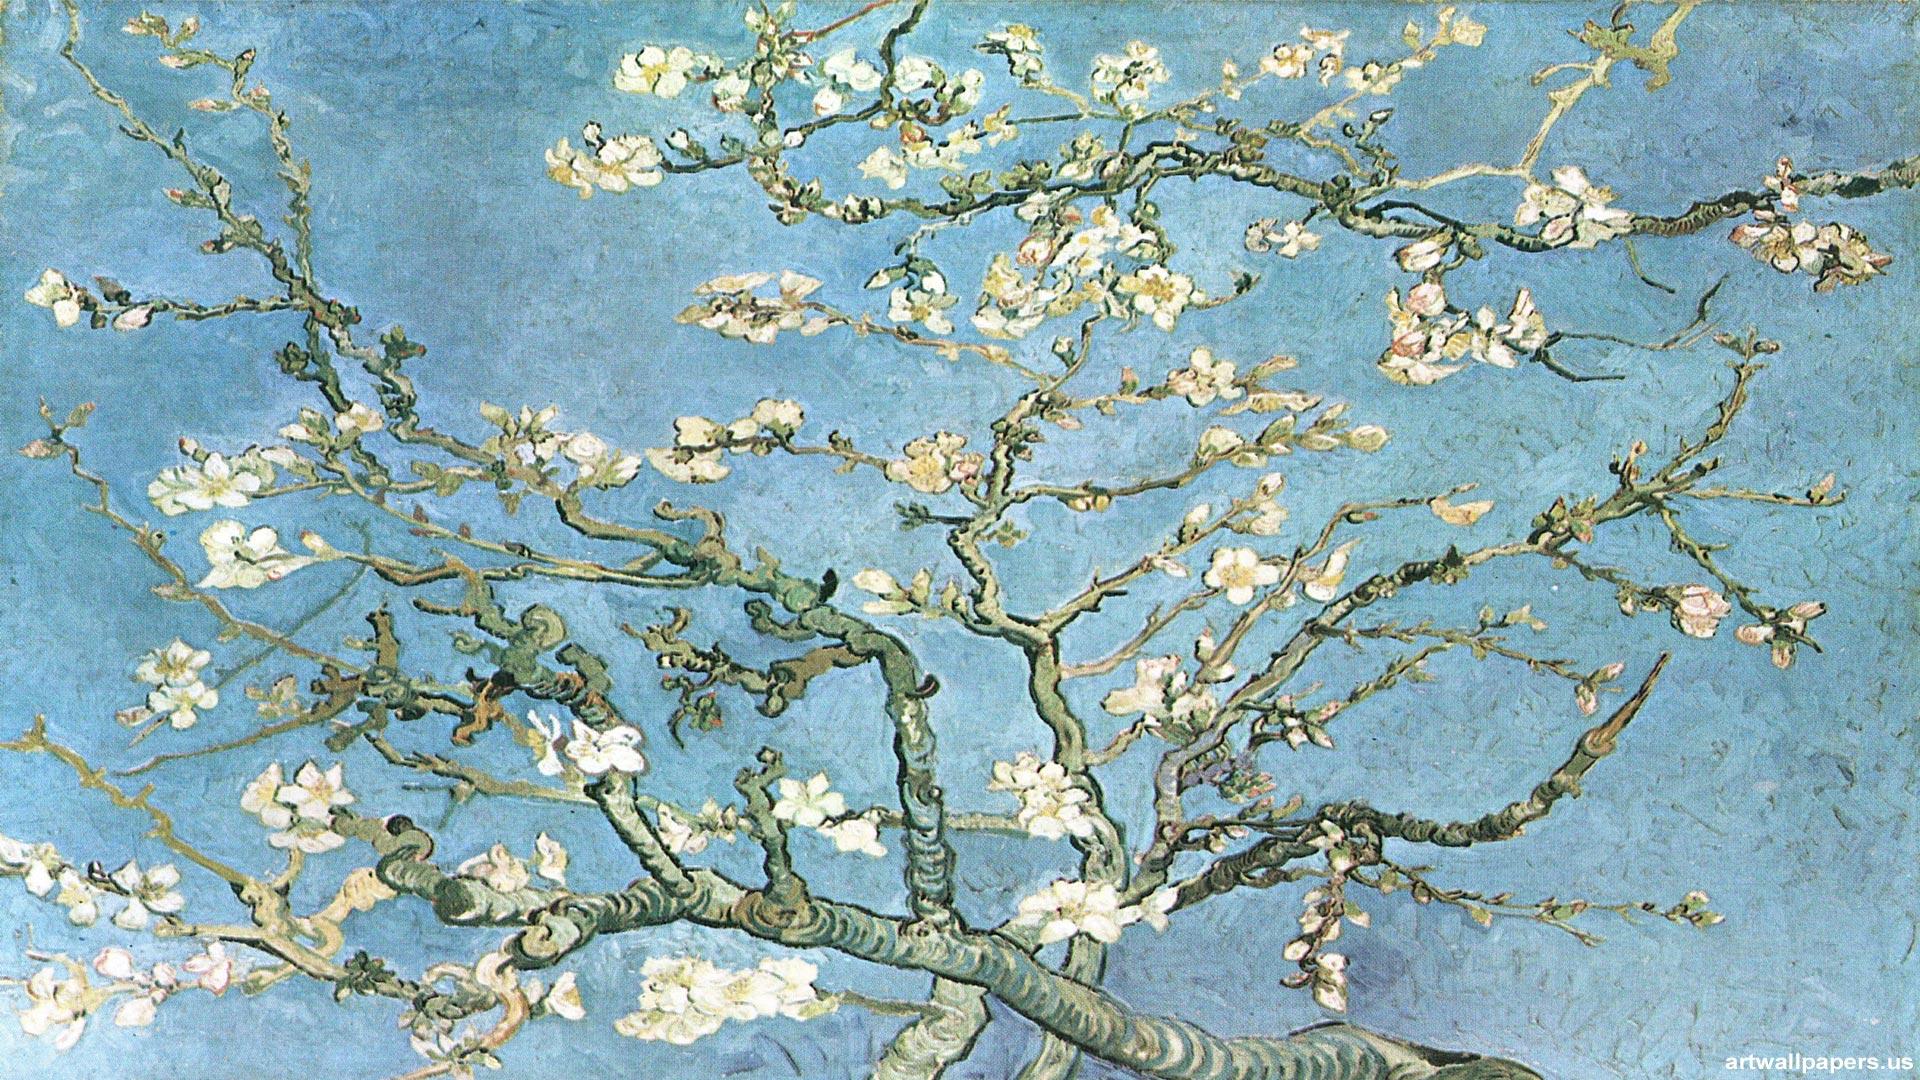 Van Gogh wallpaper 1920x1080 71544 1920x1080